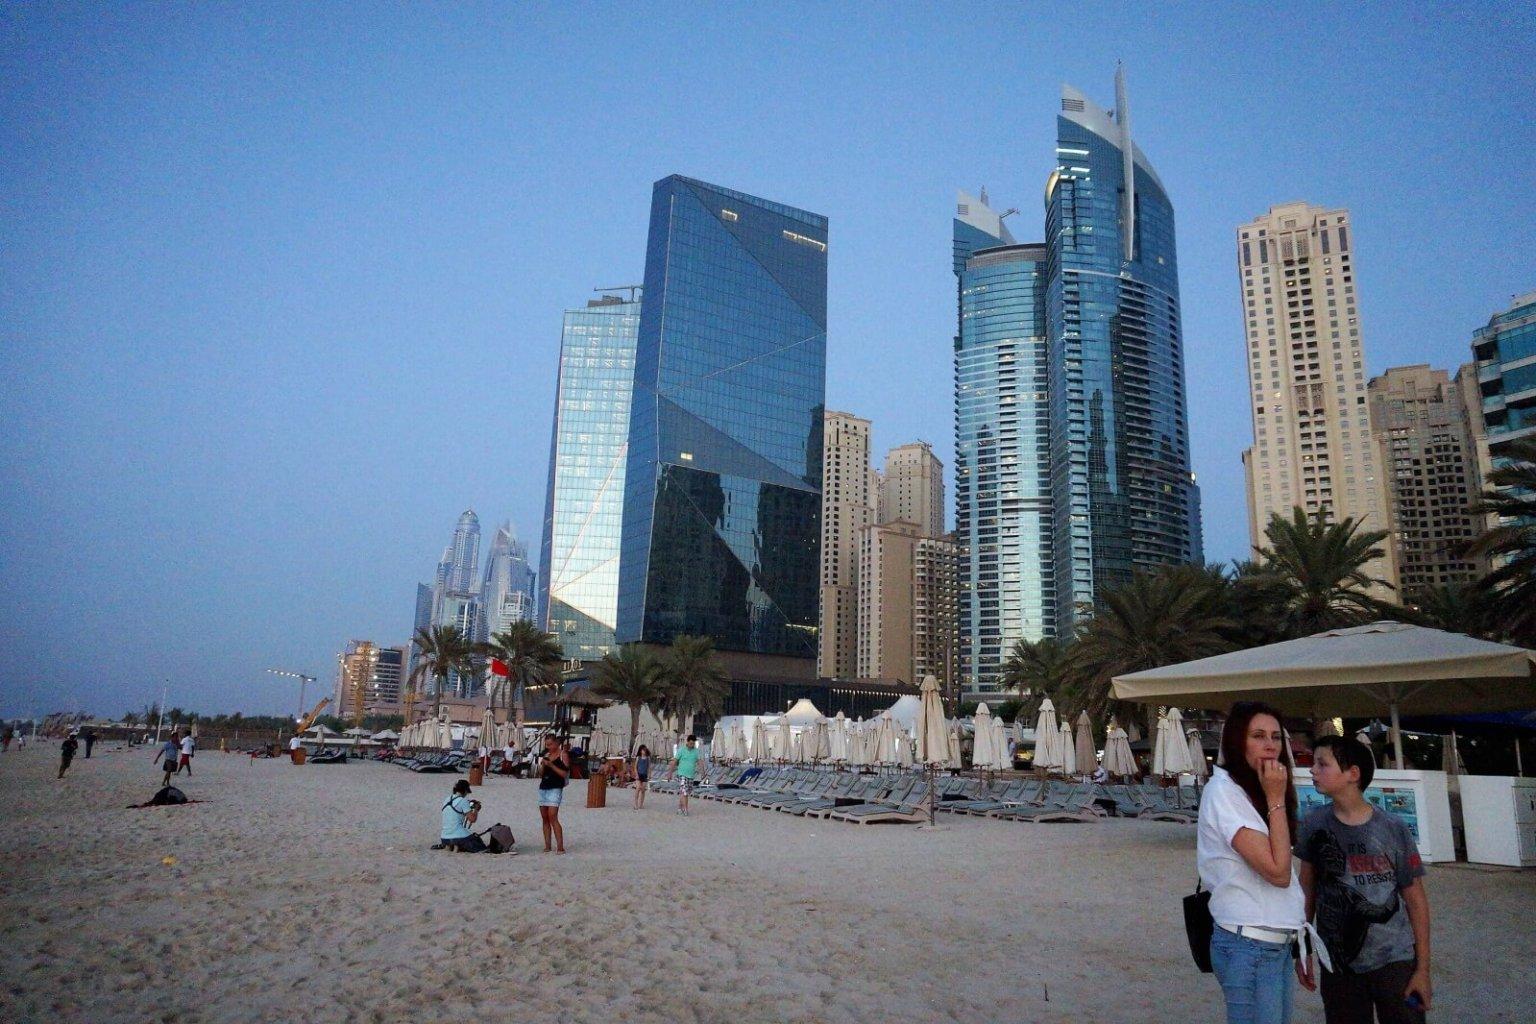 Ingatlanbefektetés Dubajban